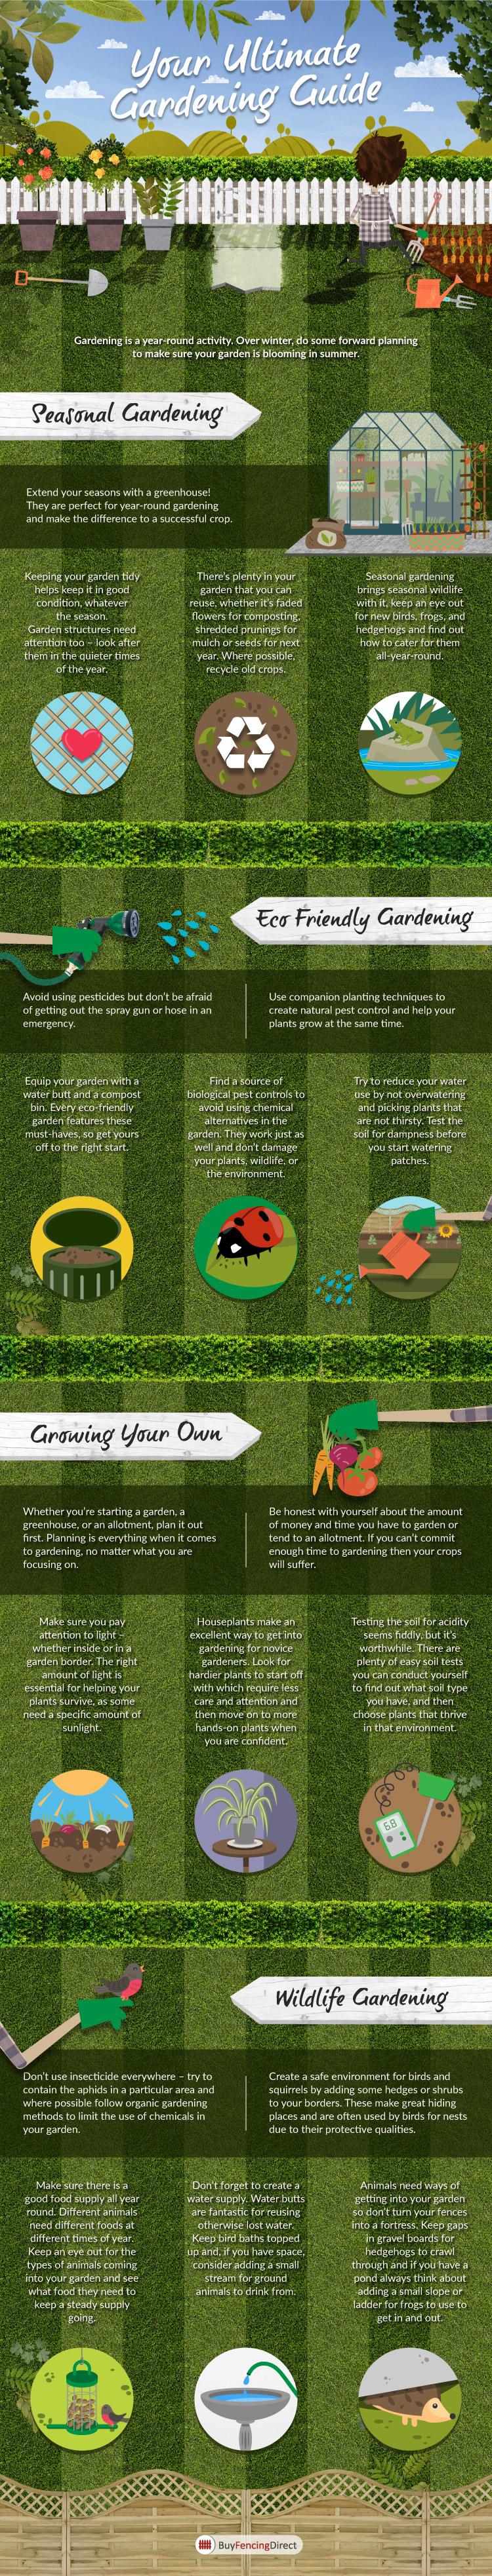 yugg-infographic1